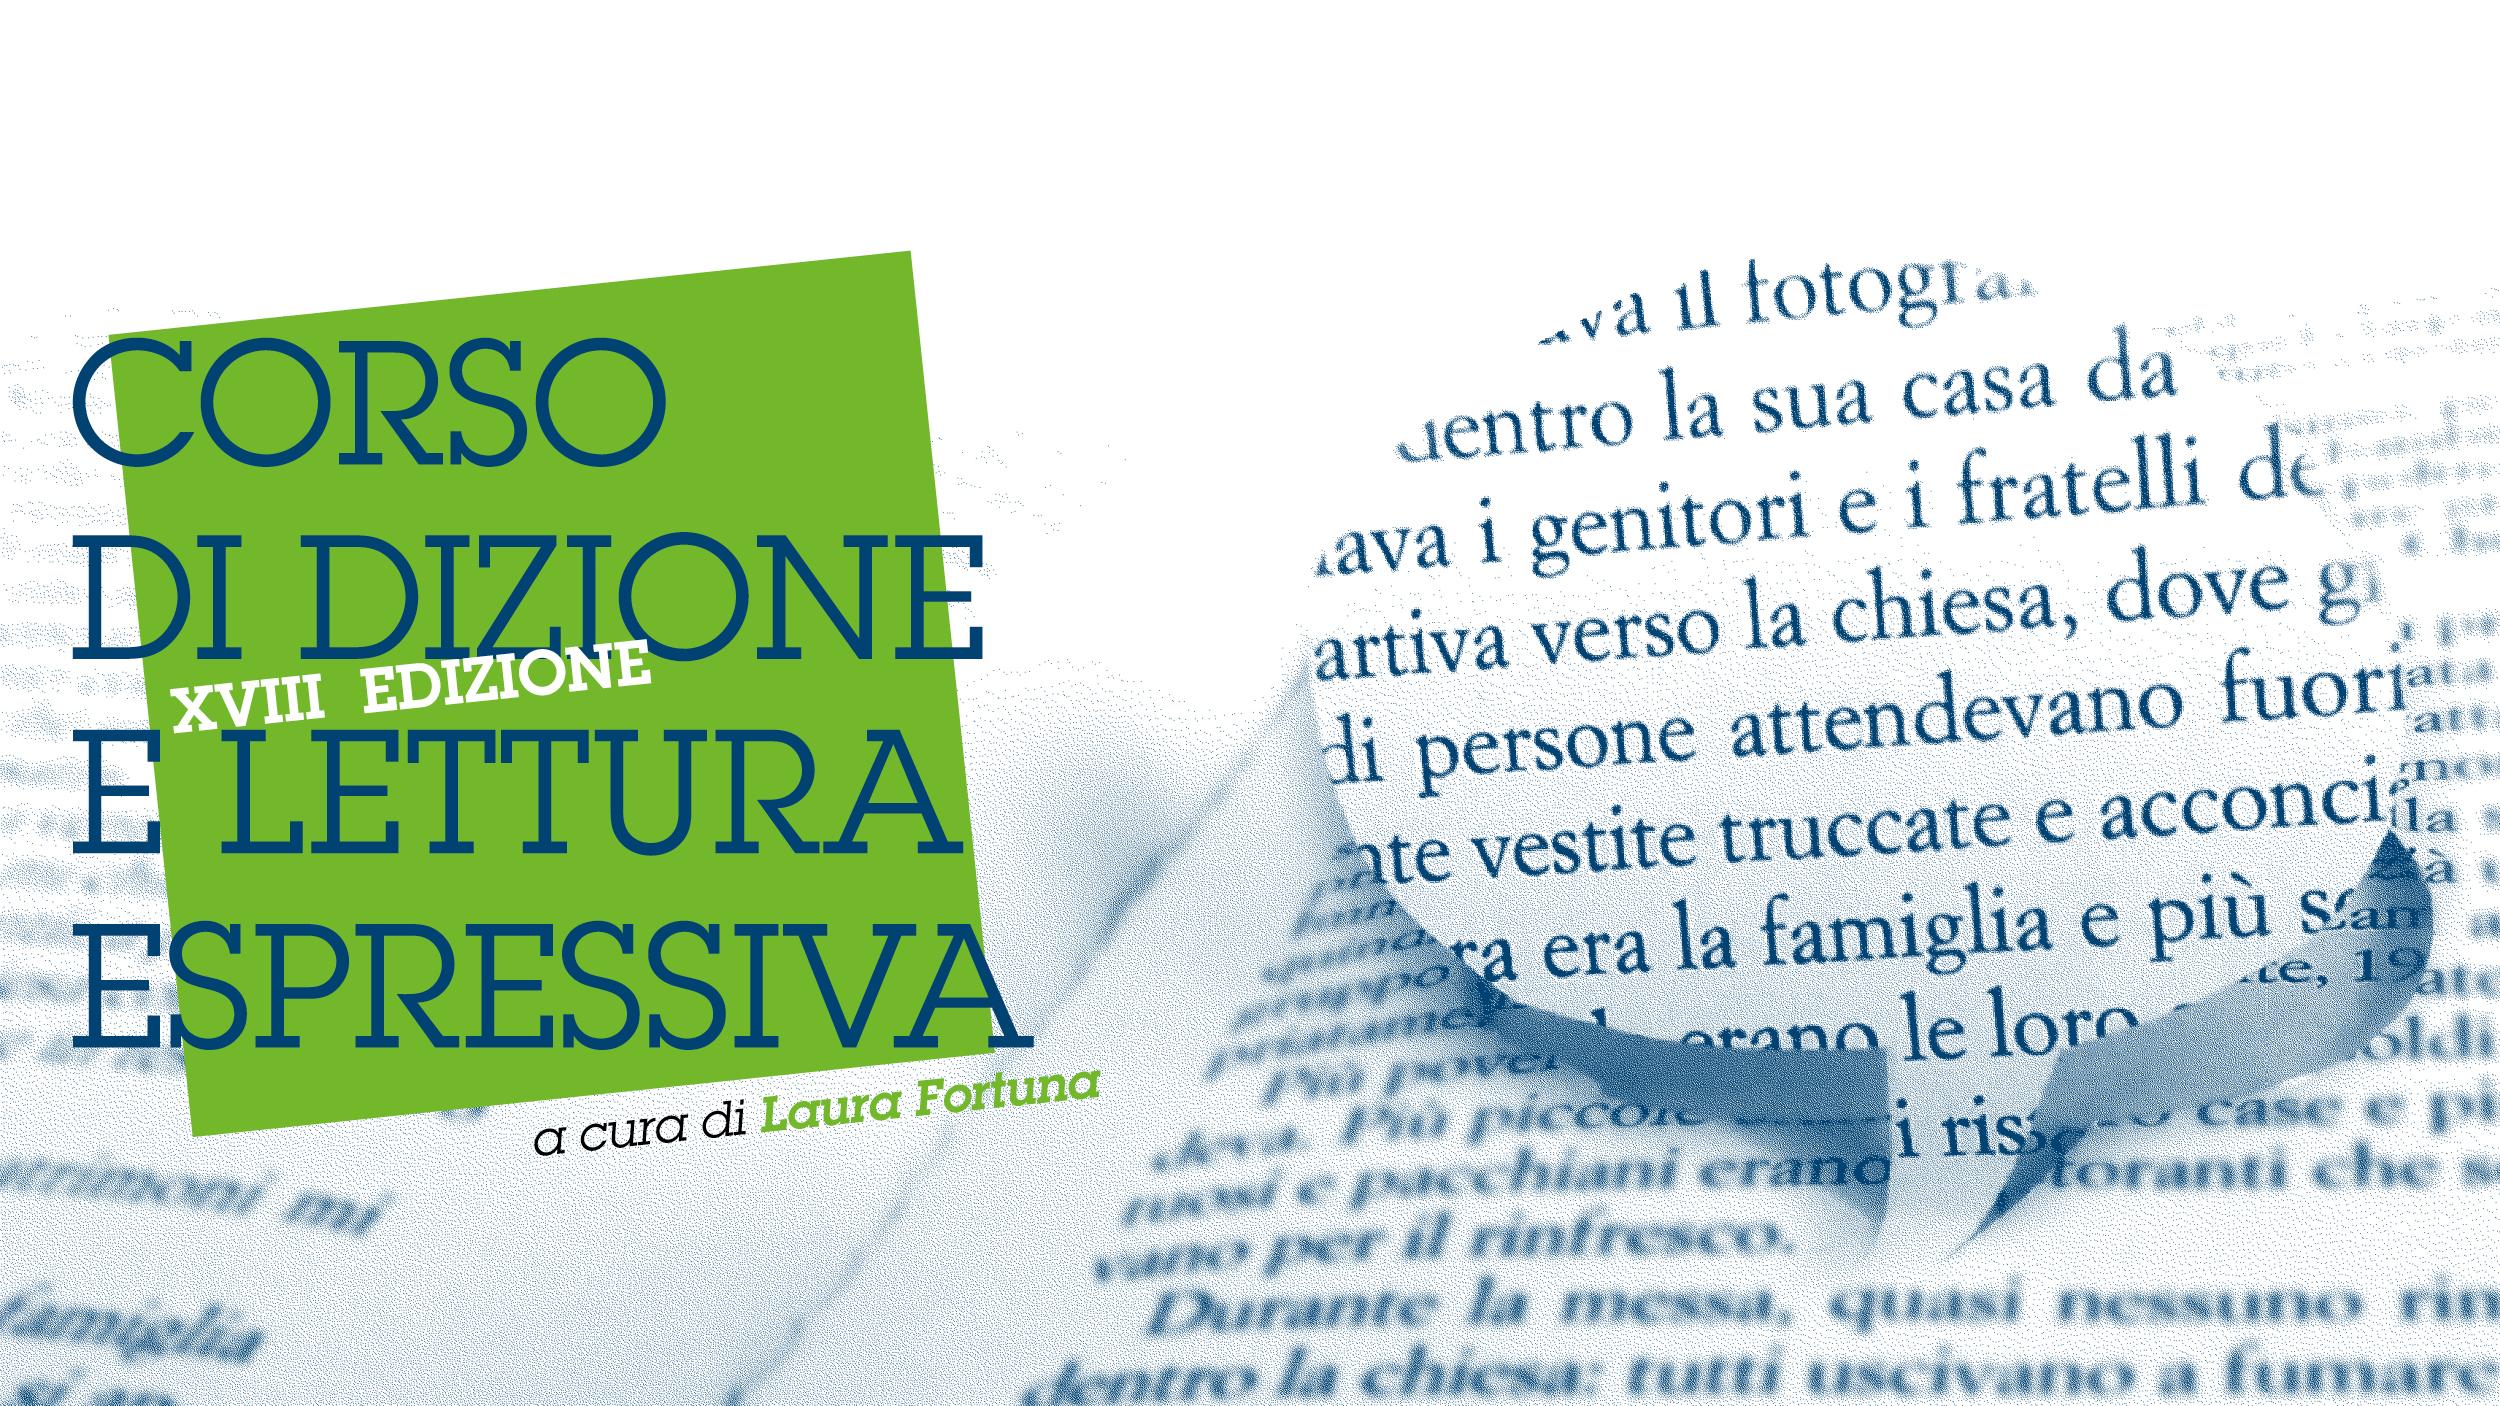 Corso di dizione e lettura espressiva a cura di Laura Fortuna (XVIII edizione)